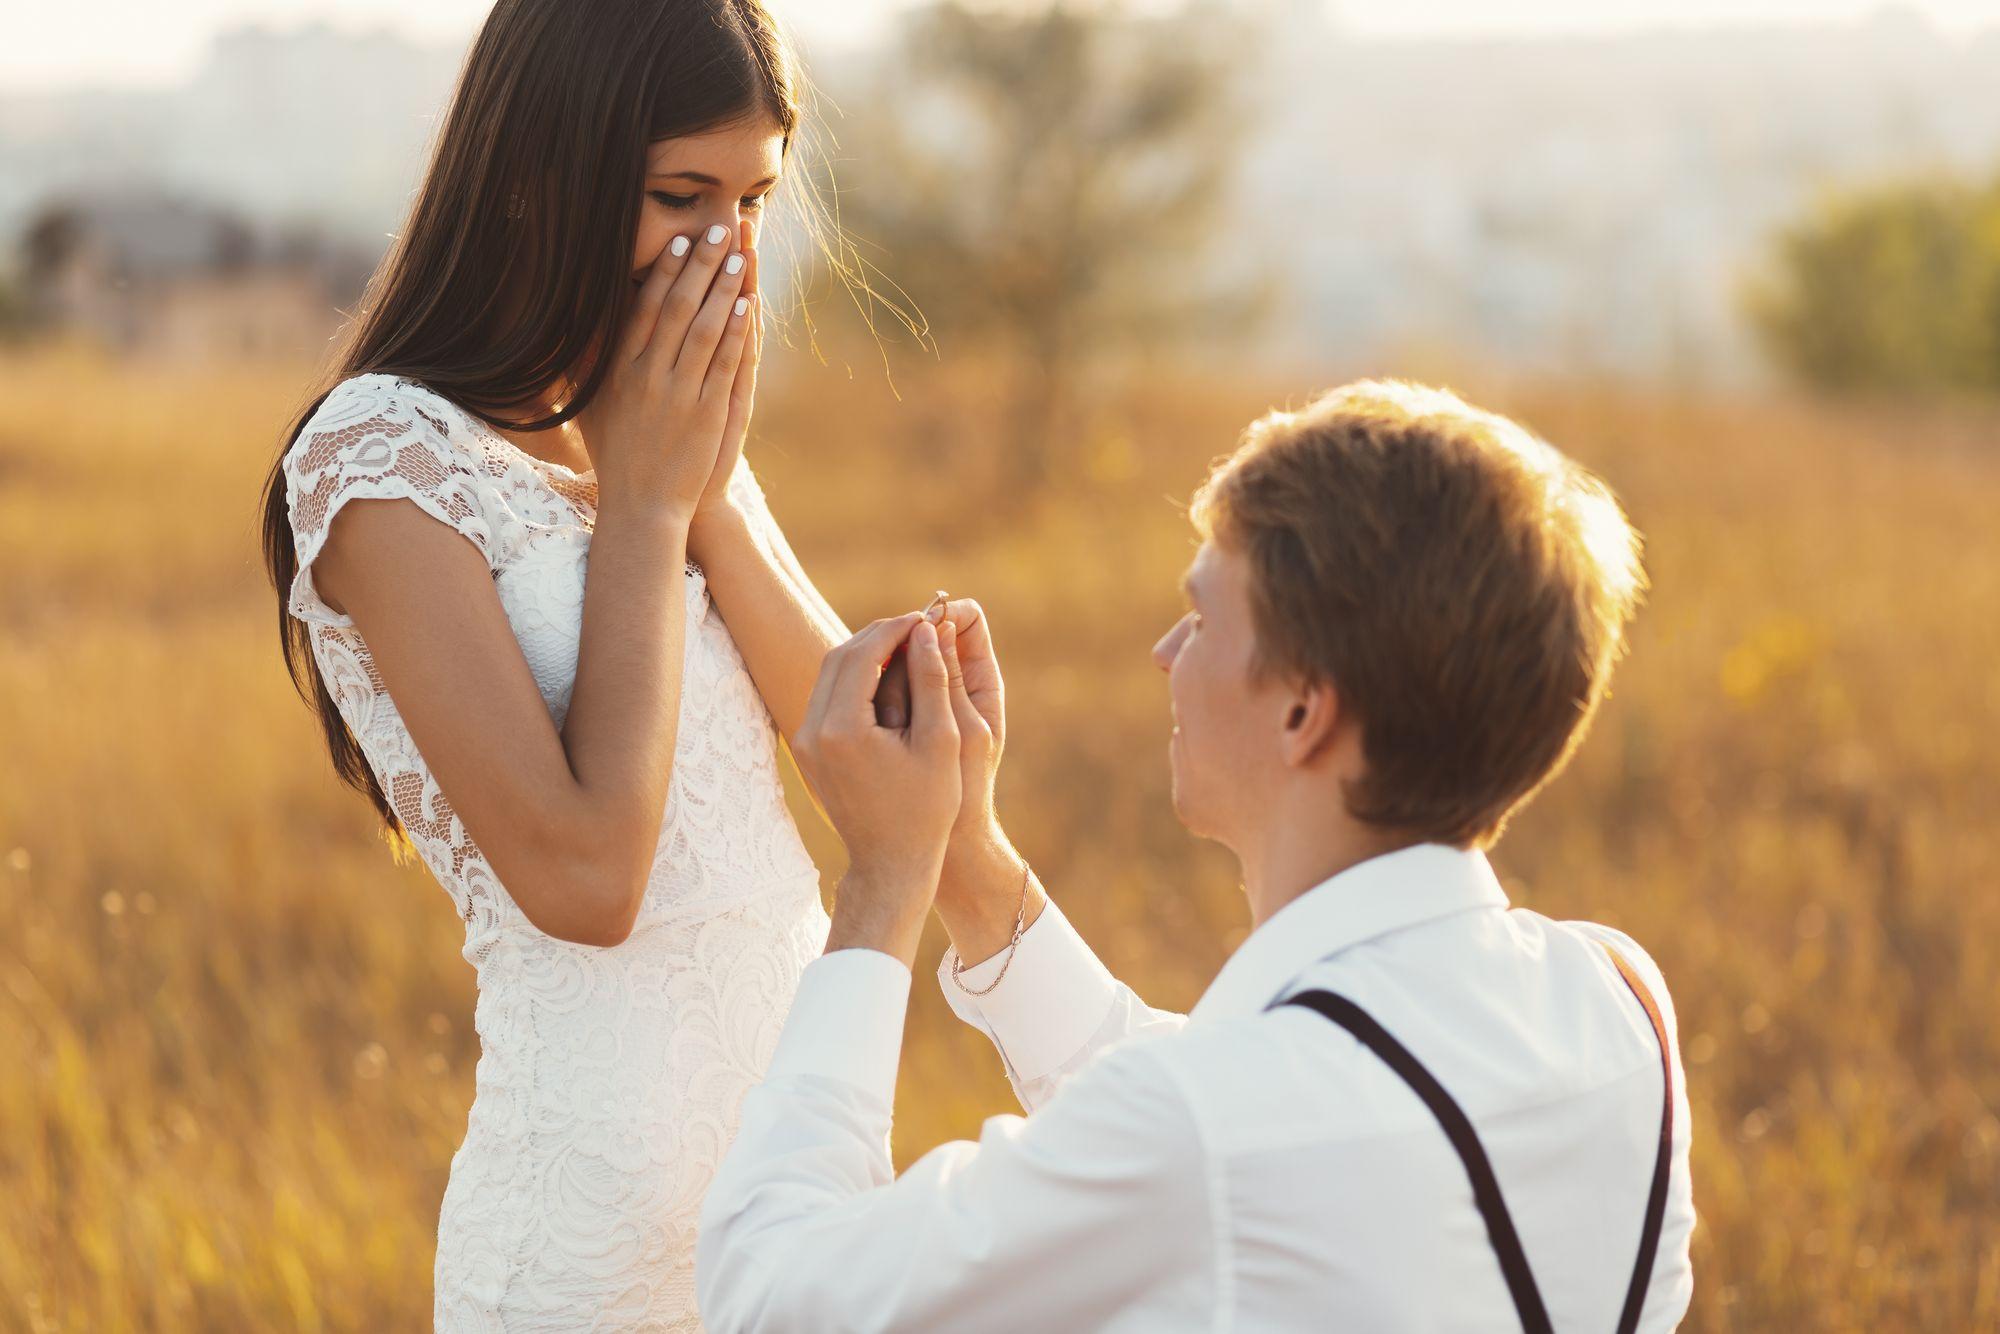 Mann macht Frau einen Heiratsantrag